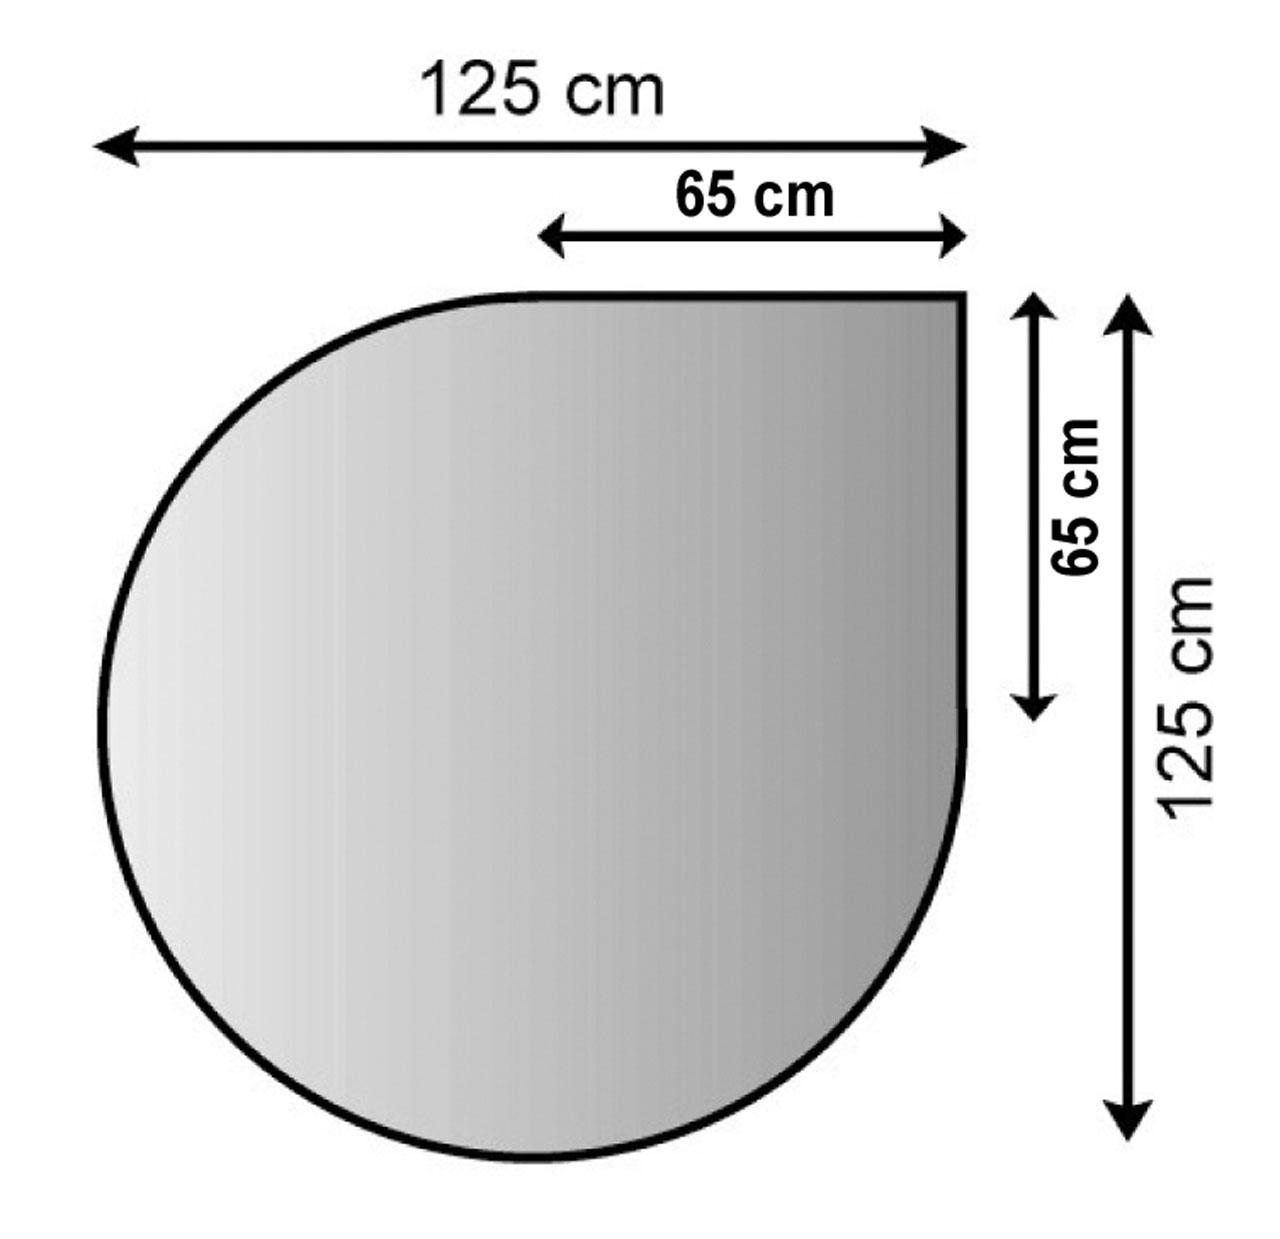 Funkenschutzplatte / Bodenblech Lienbacher schwarz Tropfen 125x125cm Bild 1